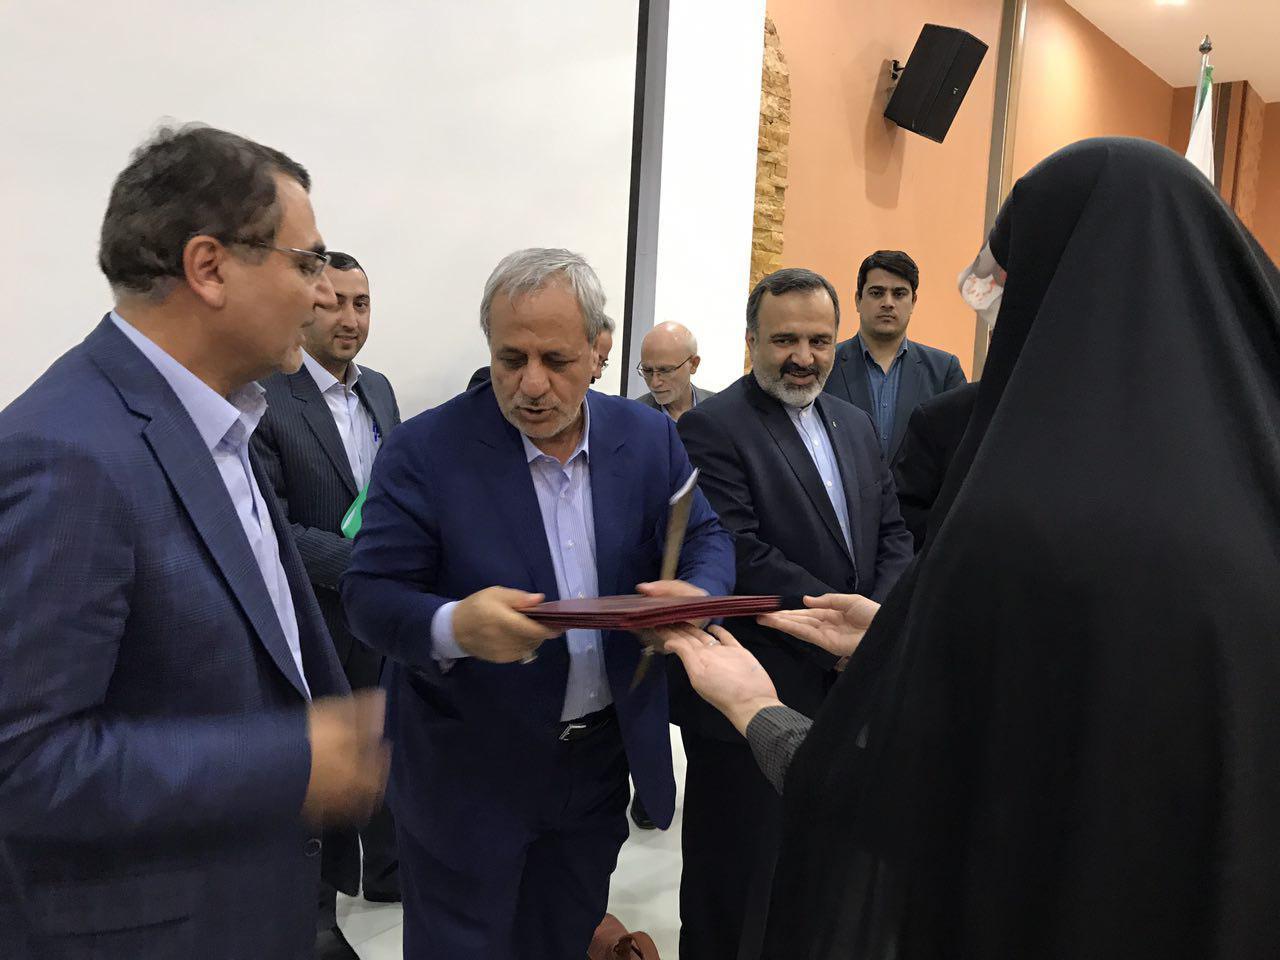 كسب مقام اول توسط استان خراسان جنوبي در جذب و پرداخت تسهيلات اشتغالزايي